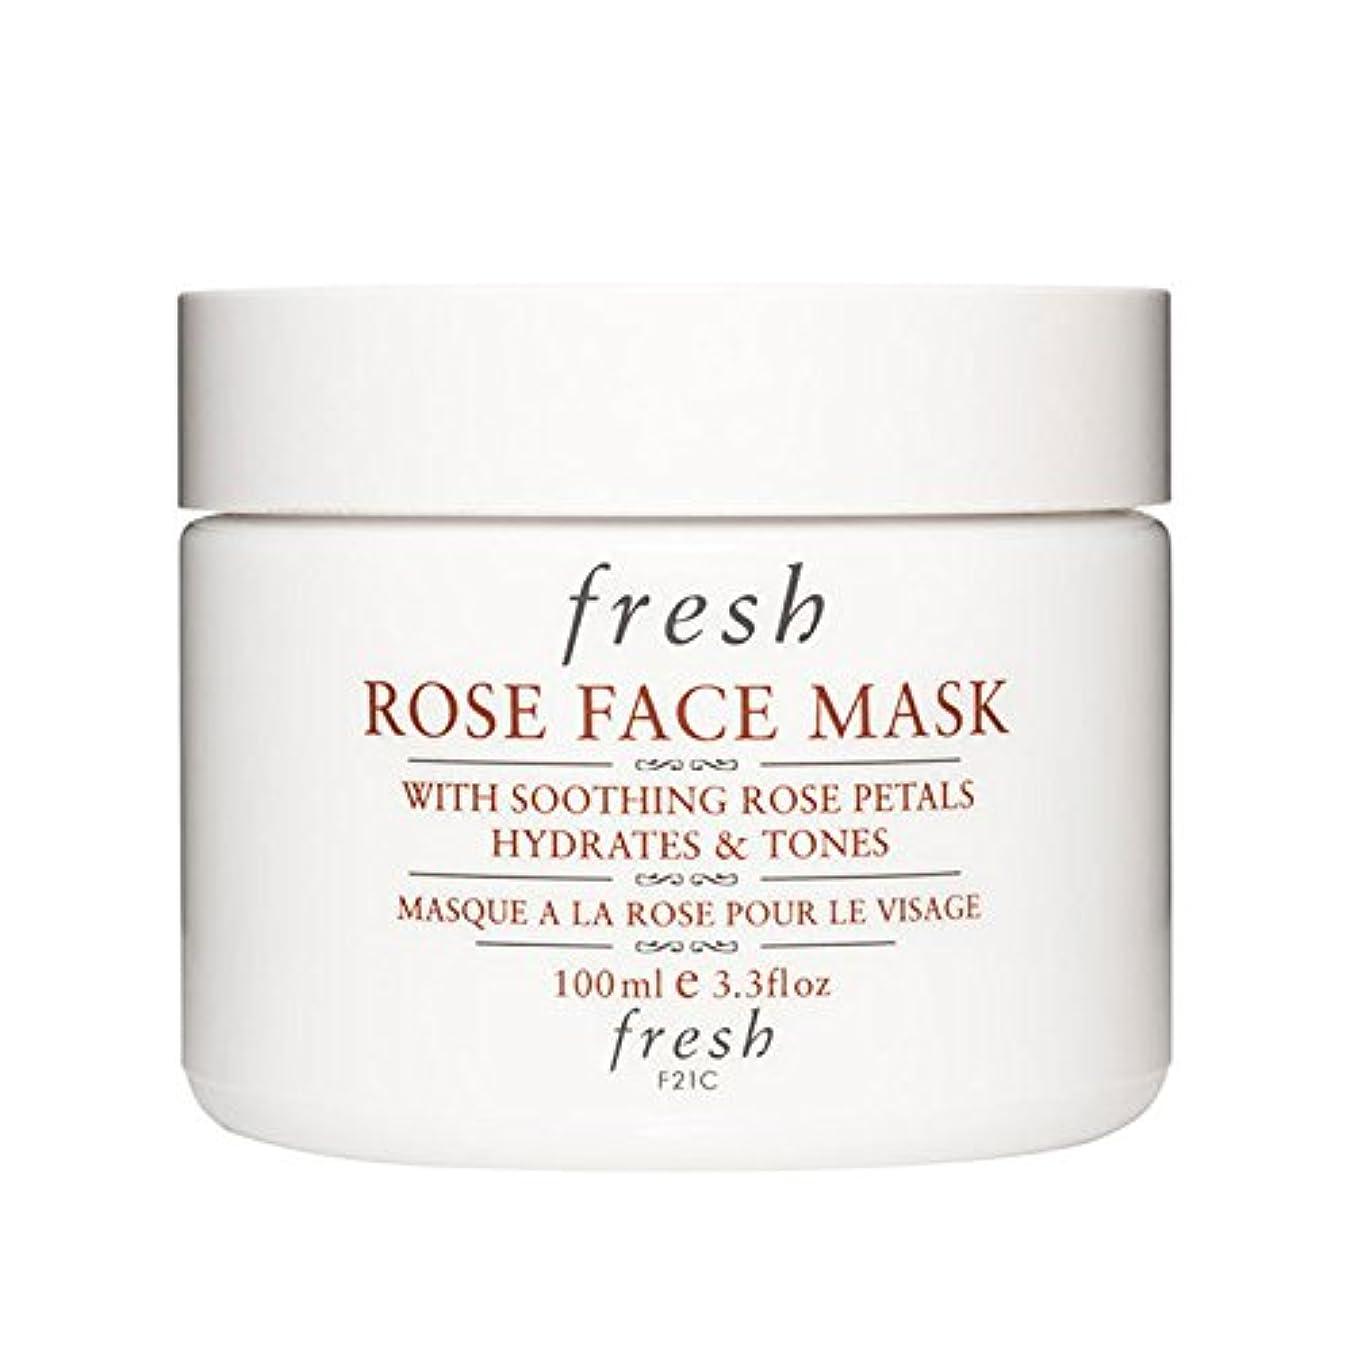 パン屋幸福管理します【並行輸入品】Fresh ROSE FACE MASK (フレッシュ ローズフェイスマスク) 3.4 oz (100g) by Fresh for Women